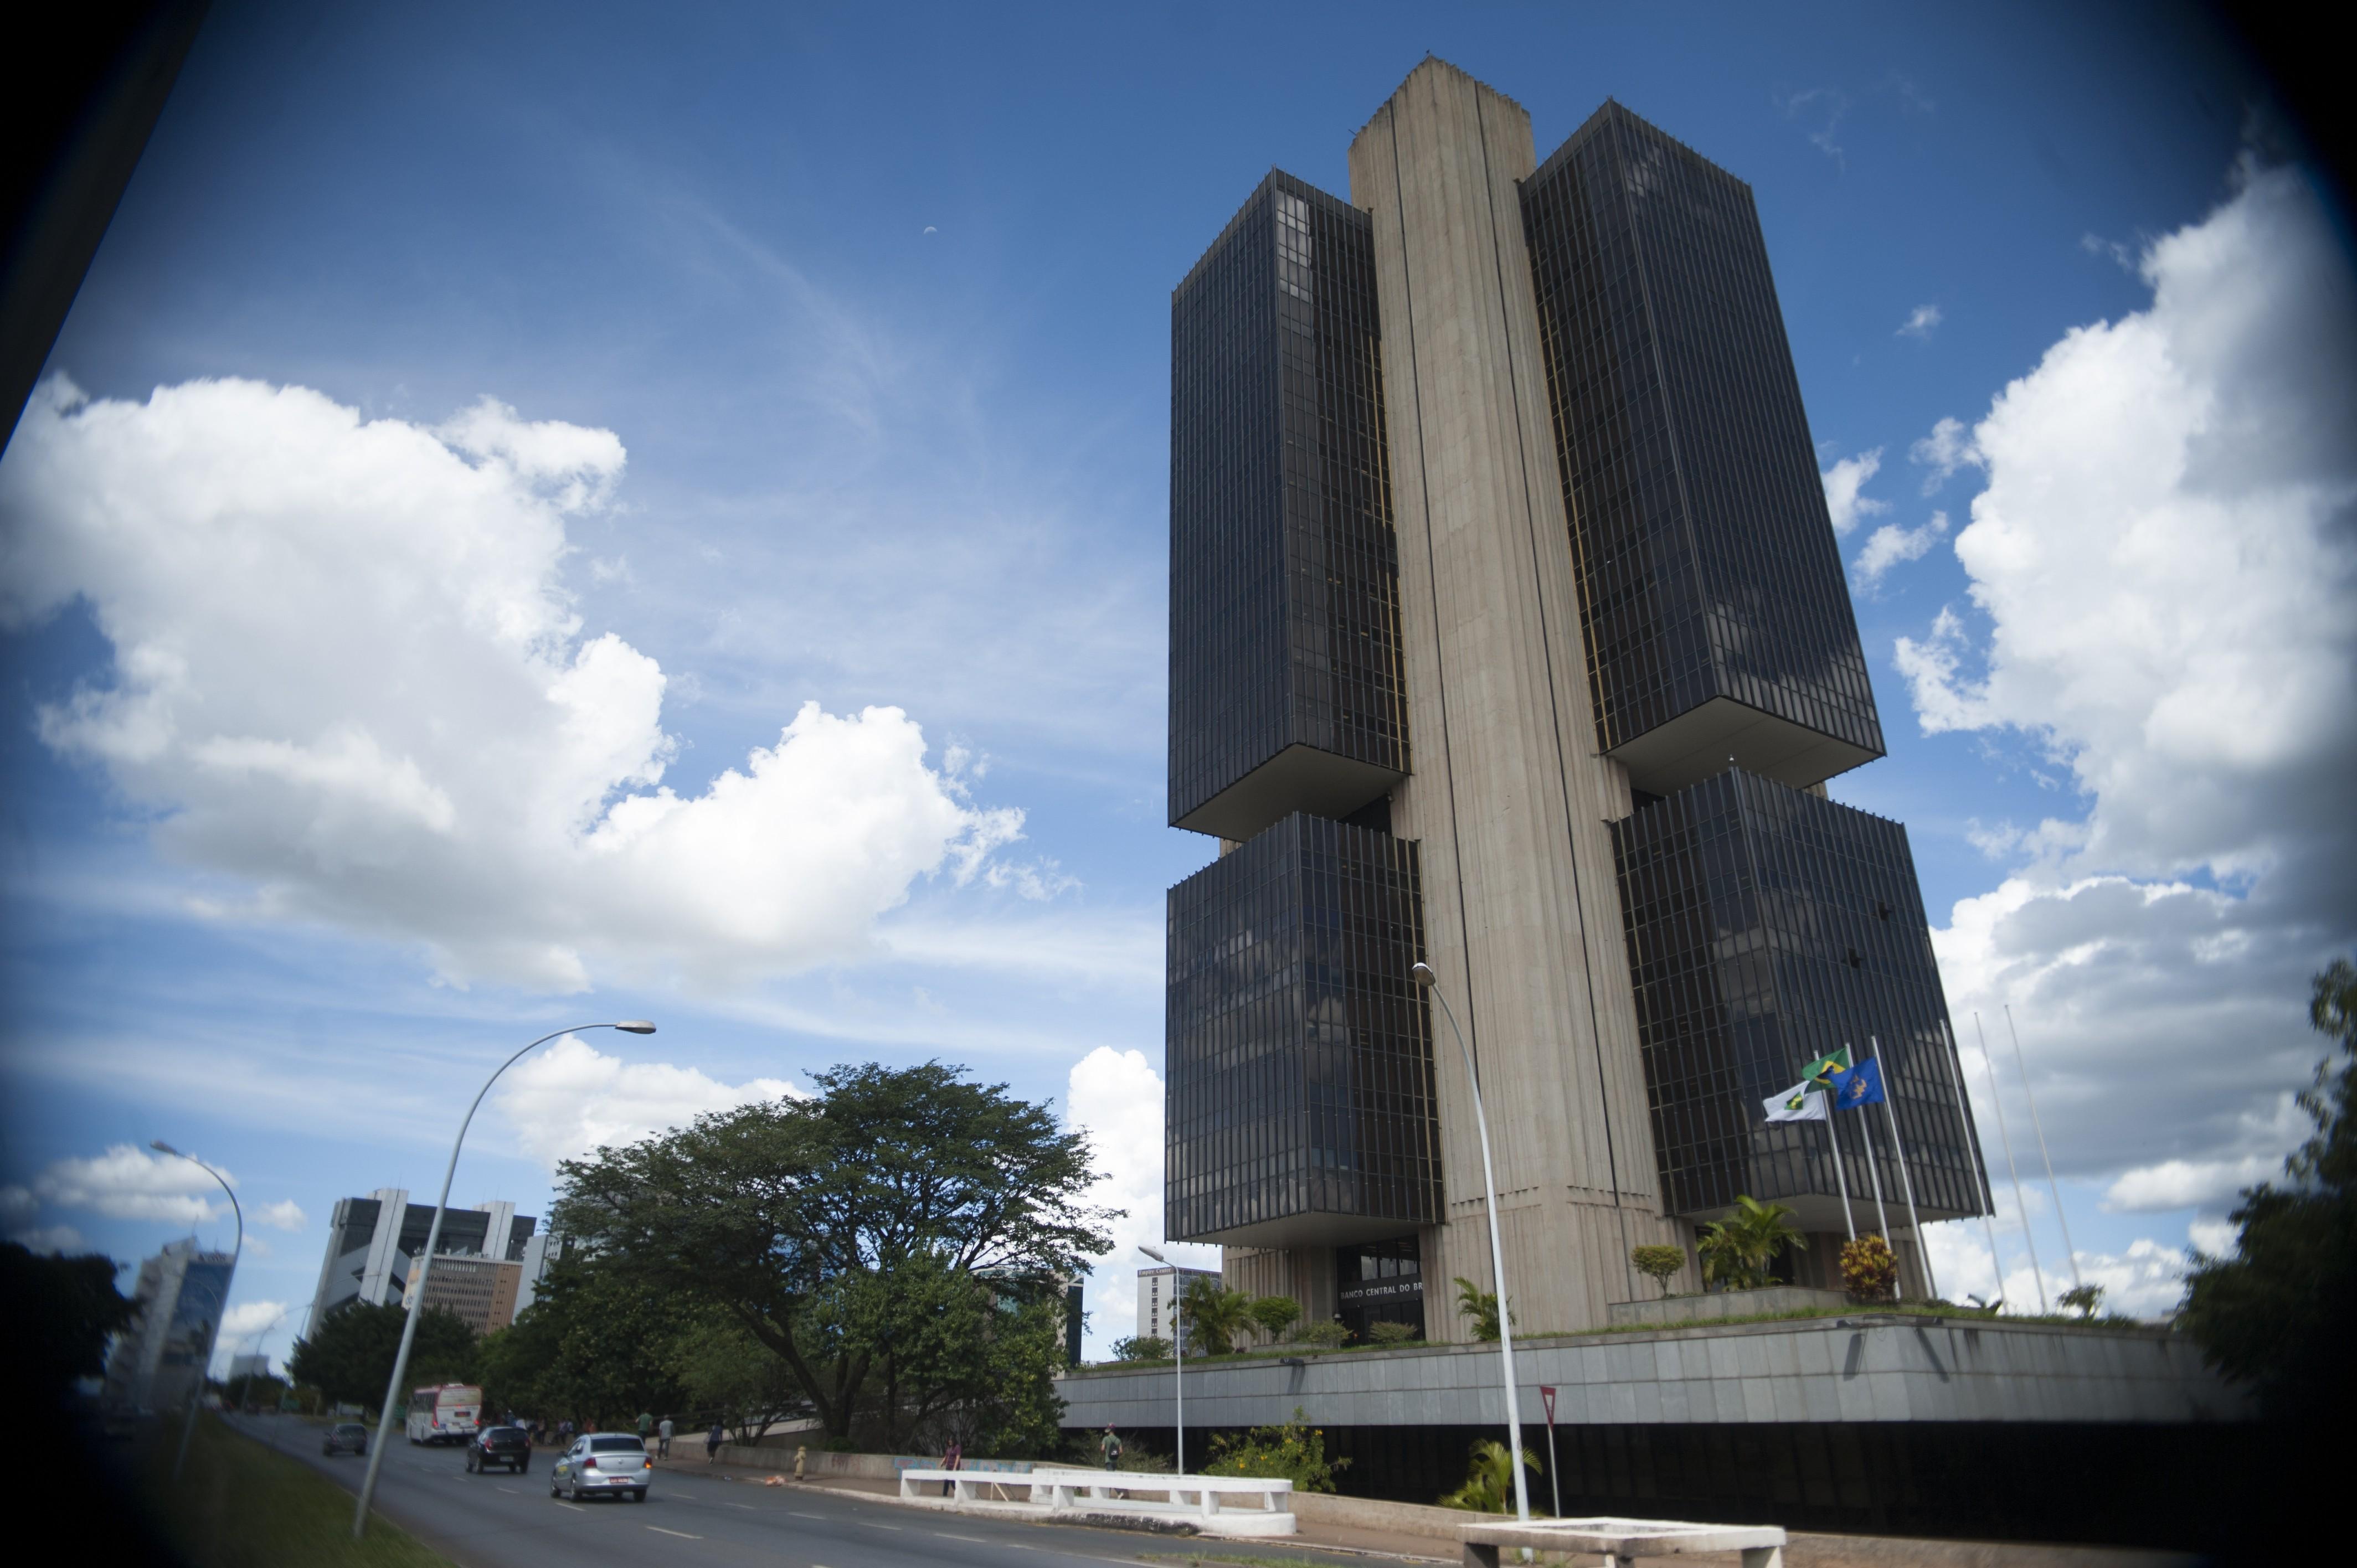 Banco Central do Brasil, em Brasília: para especialista em inovação, regulação financeira deveria ser menos burocrática (Foto: Agência Brasil)